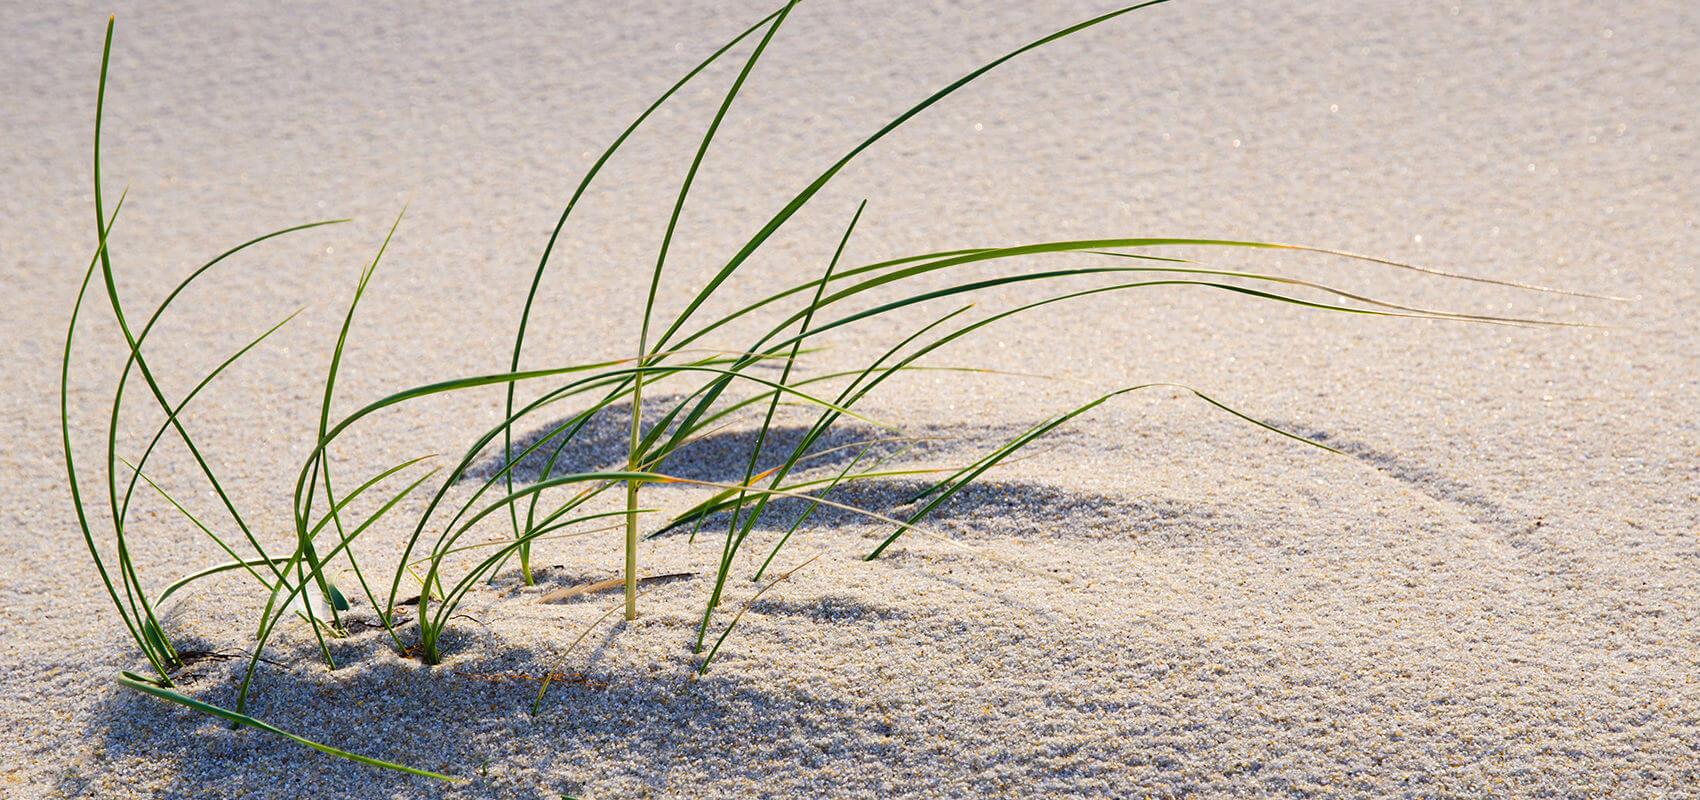 Dünengras kommt durch den Sand durch